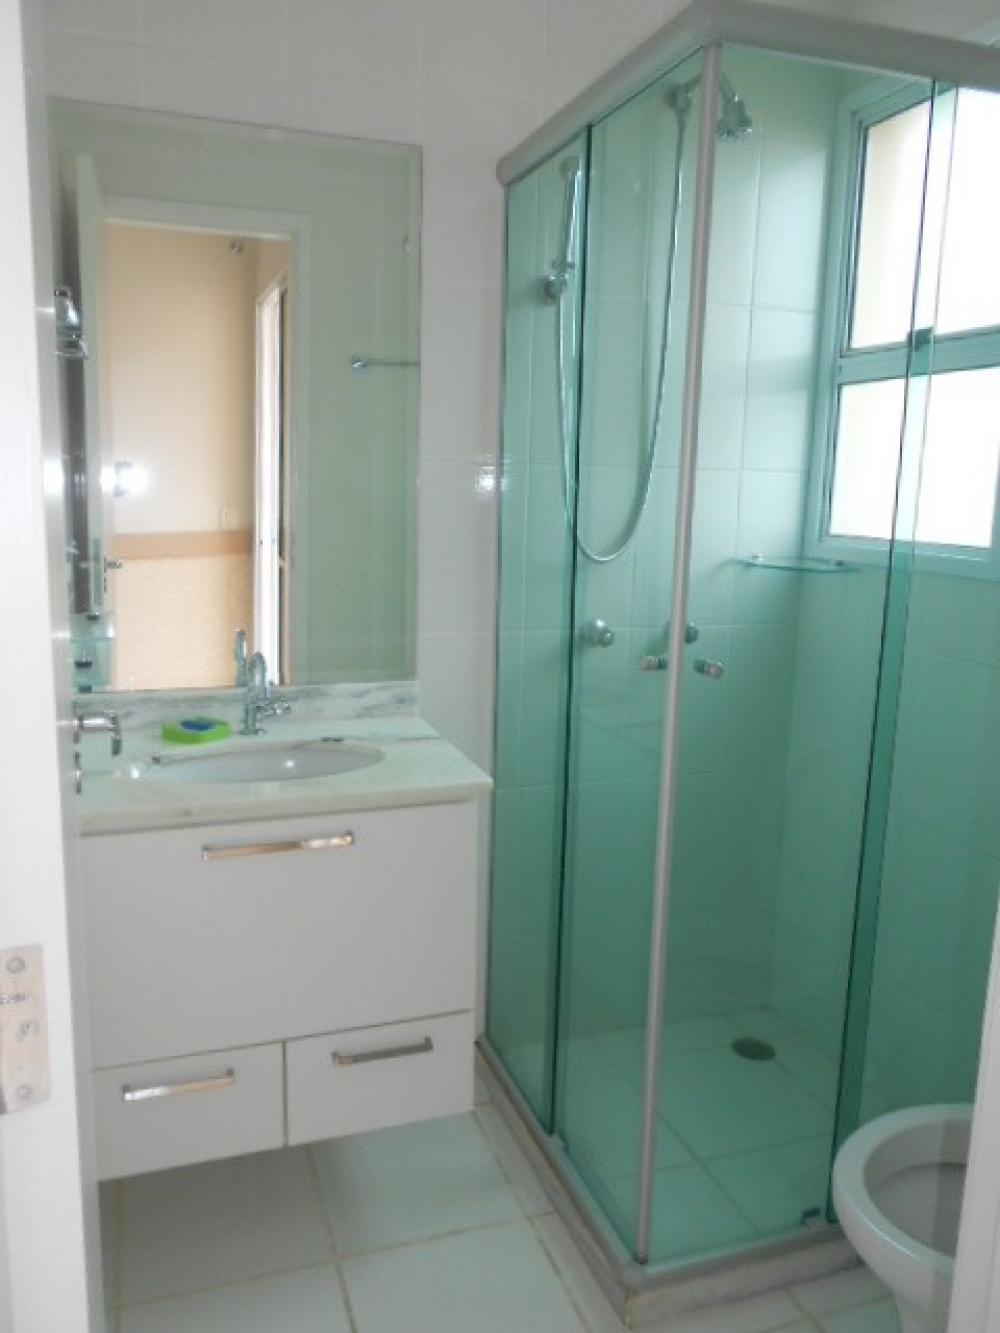 Comprar Apartamento / Padrão em Ribeirão Preto apenas R$ 370.000,00 - Foto 12